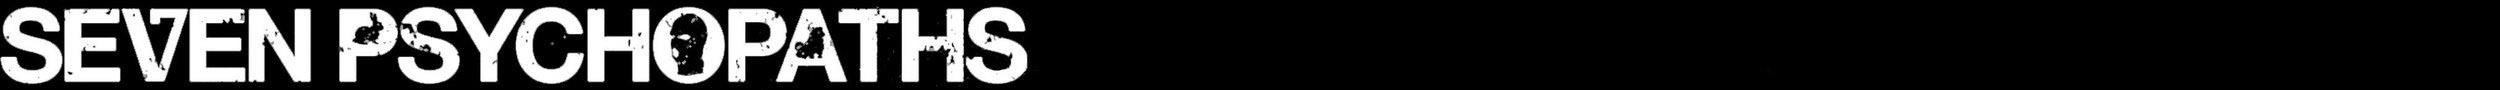 7psychopaths_logo2.jpg